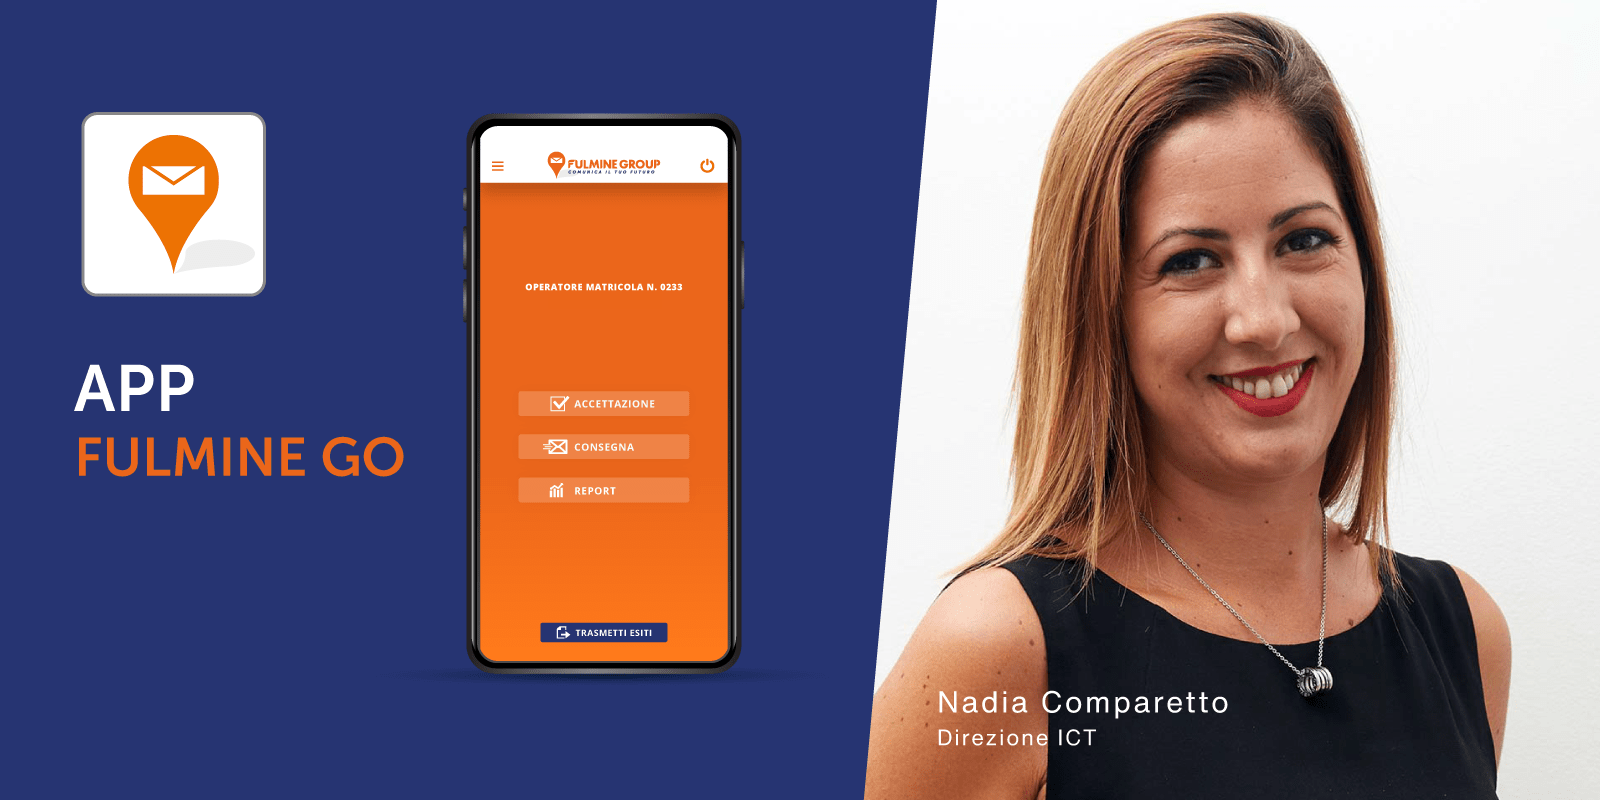 App-articolo-FULMINEGROUP-Nadia-comparetto